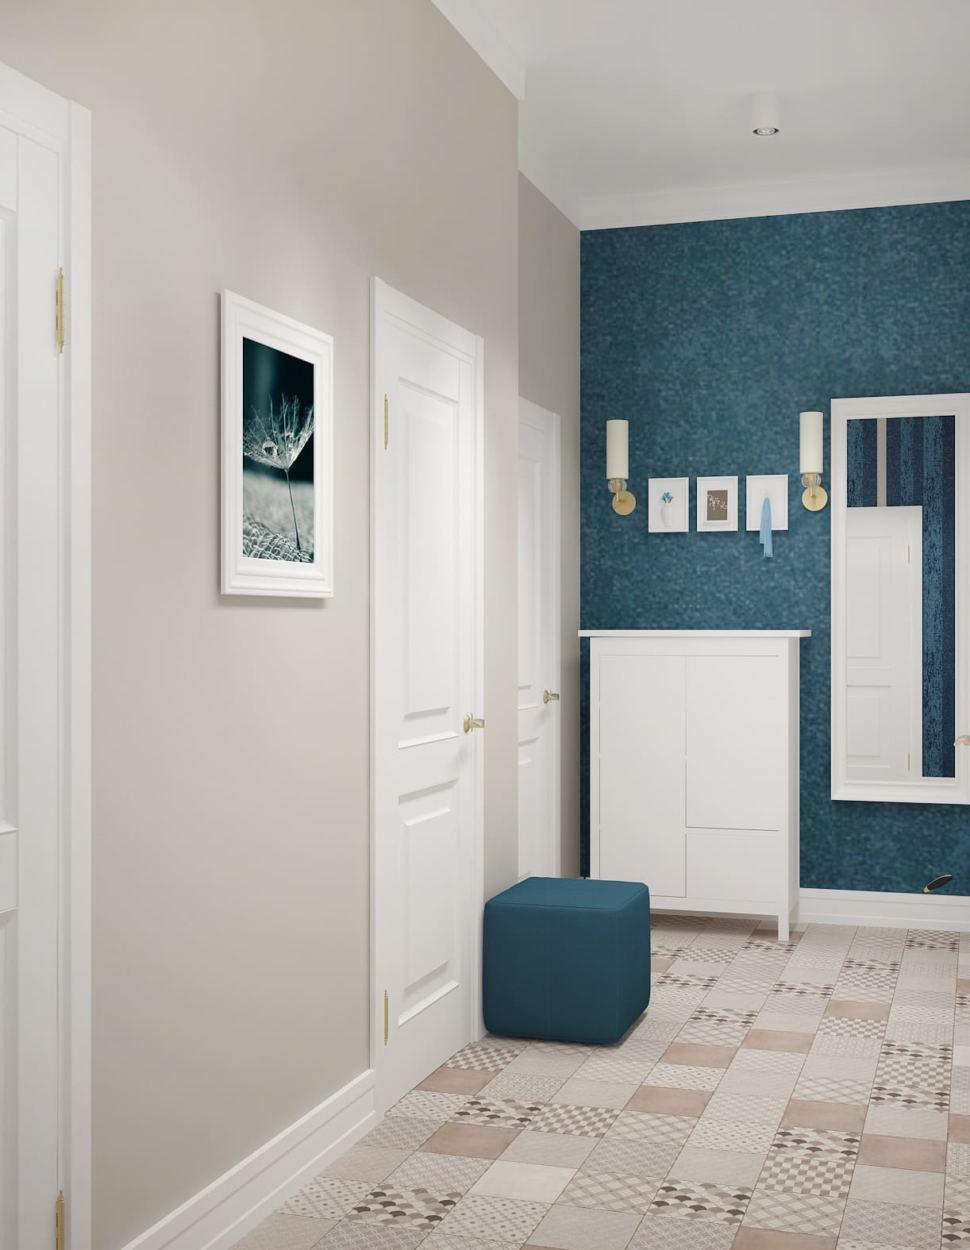 Дизайн прихожей 7 кв.м в бежевых тонах с синими акцентами, пуфик, керамическая плитка, декоративные обои, зеркало, потолочные светильники, галошница